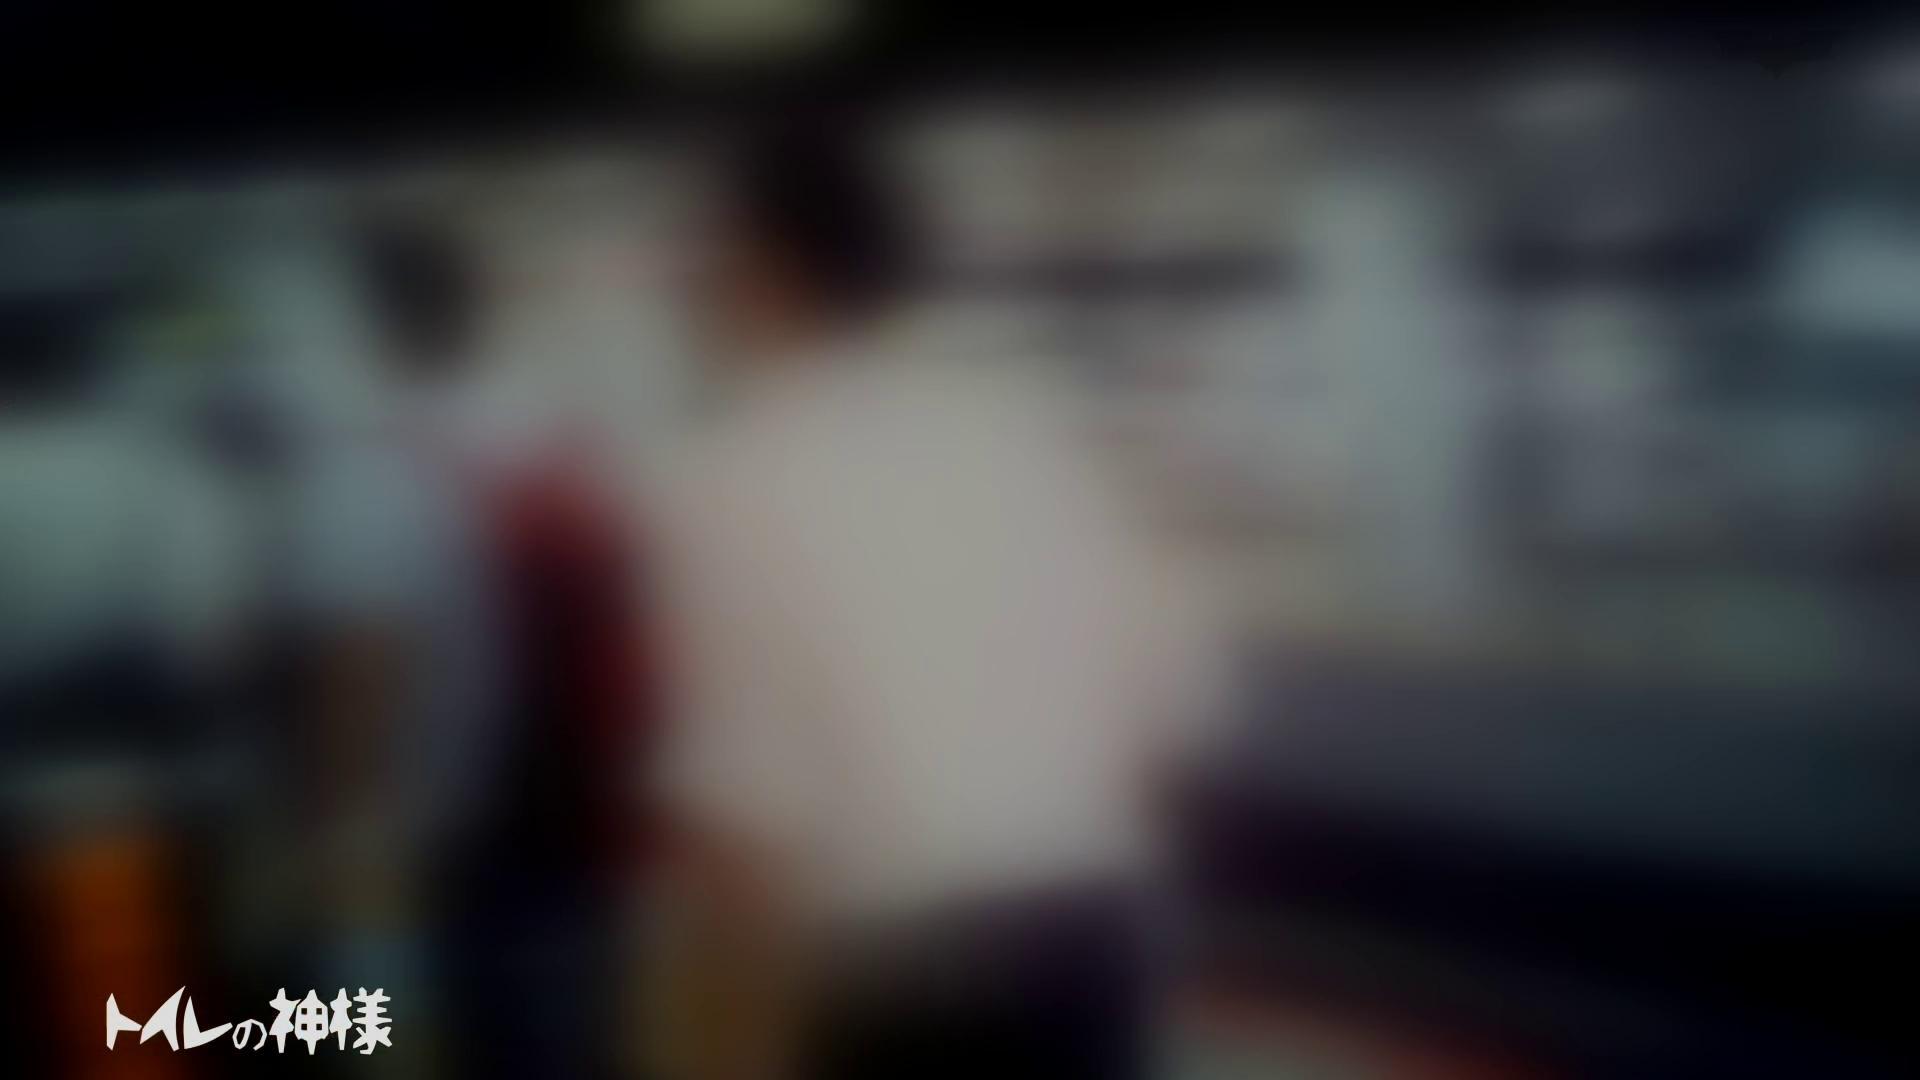 2視点パンツ逆さ取りVol.01 美肌 ヌード画像 78枚 34